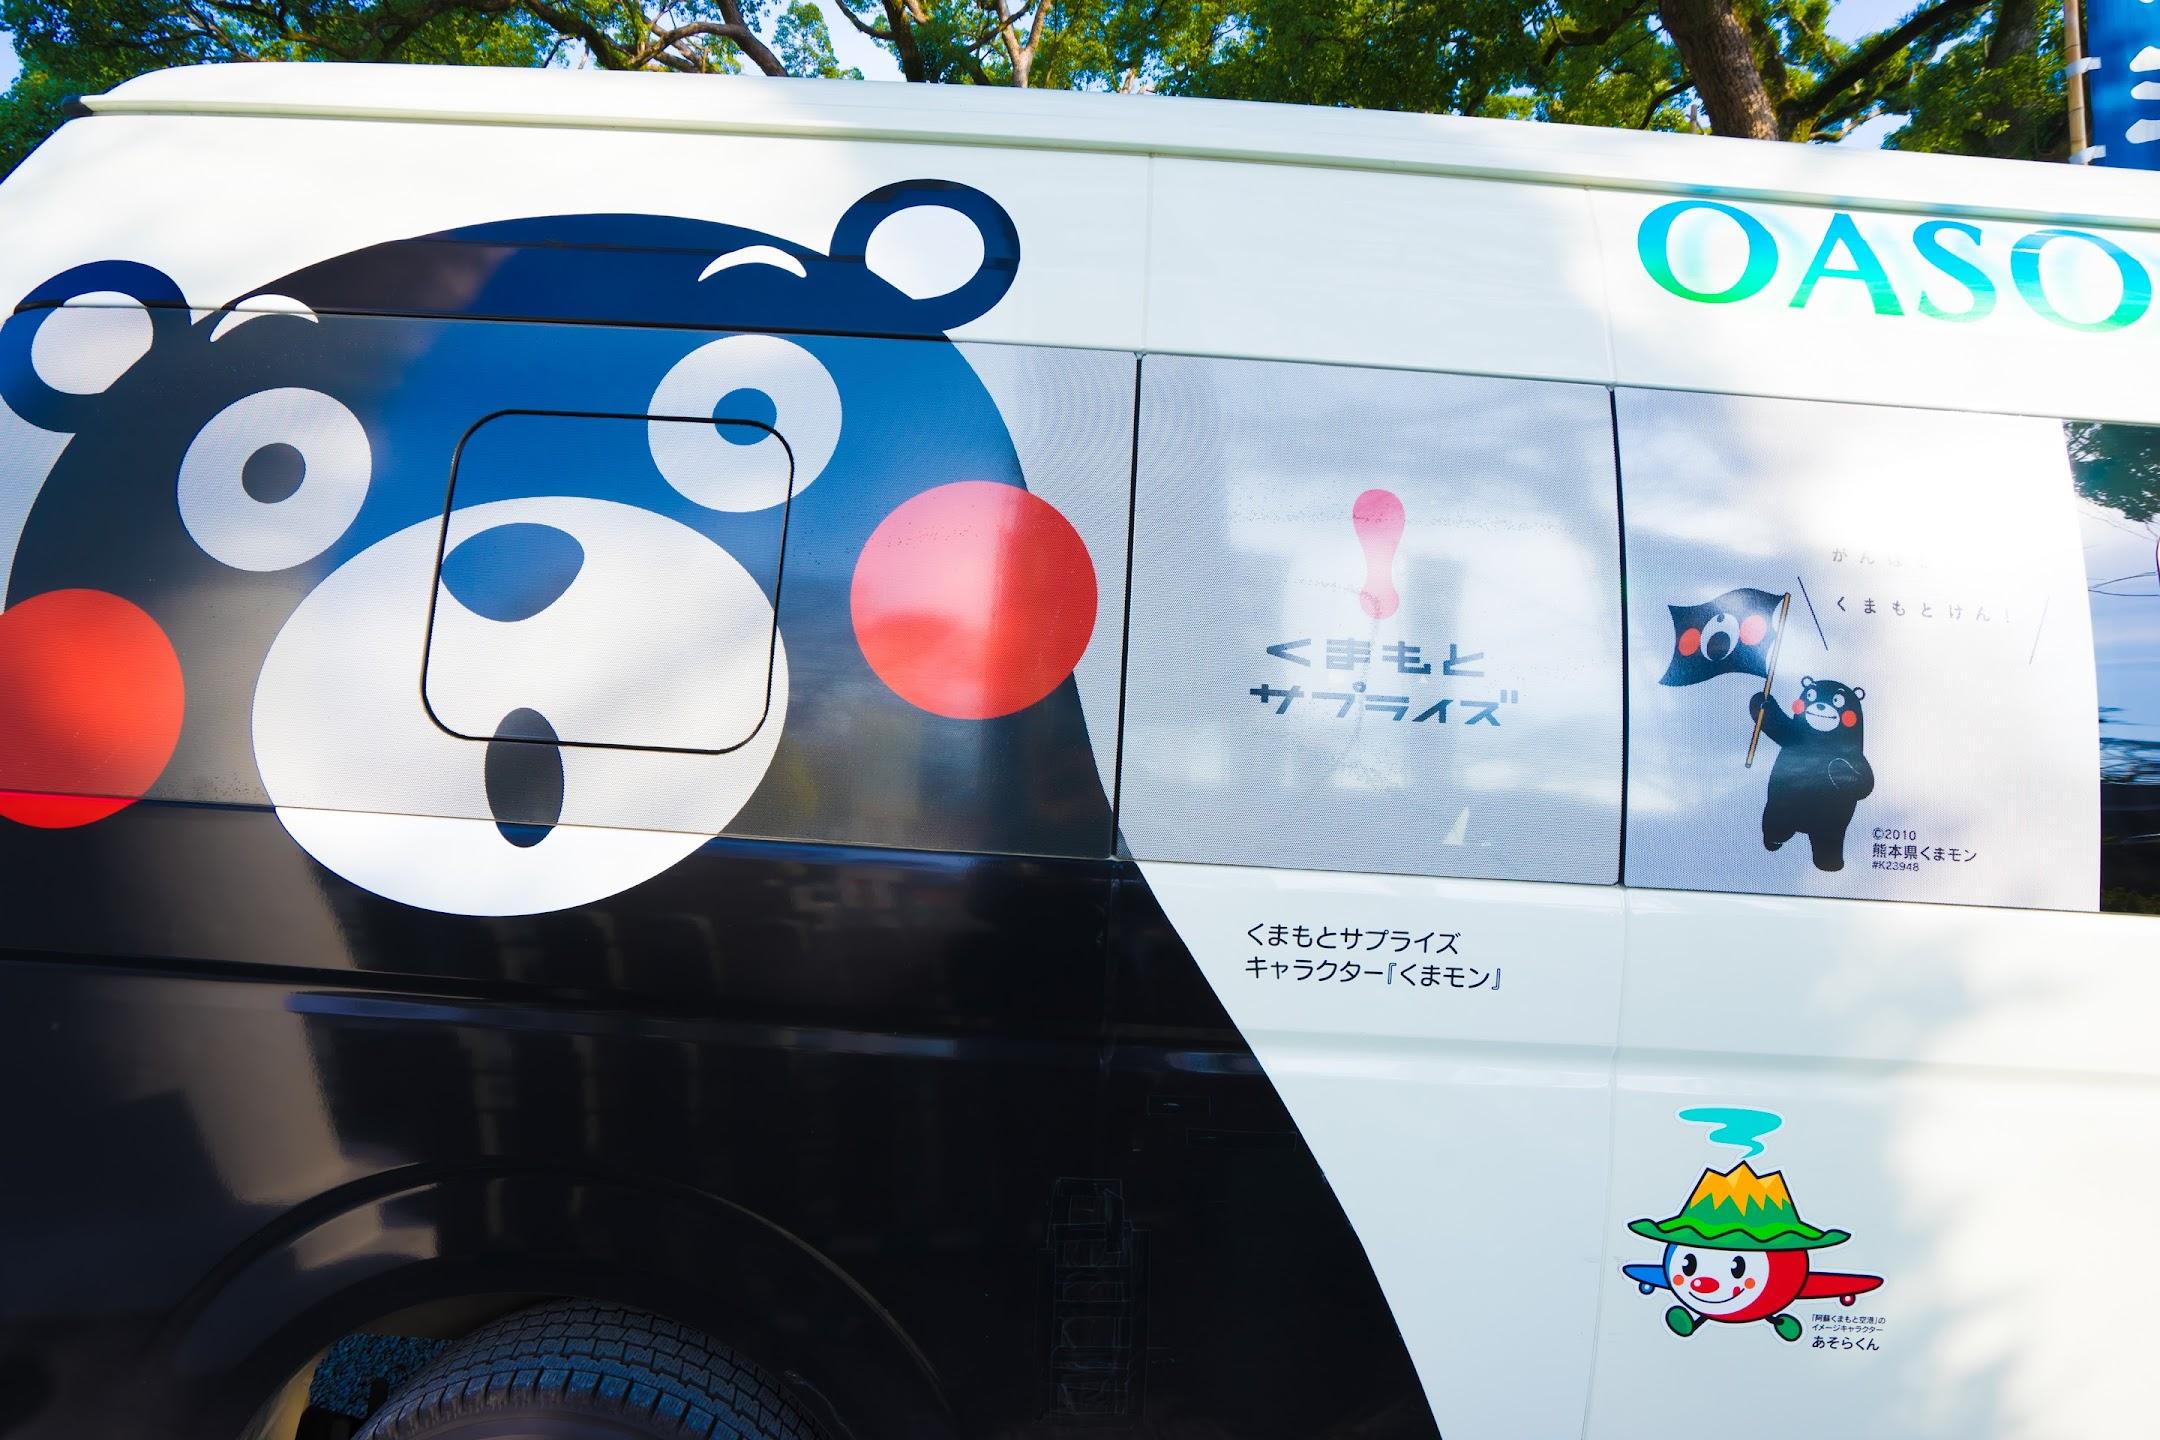 くまモン 大阿蘇大津タクシー2